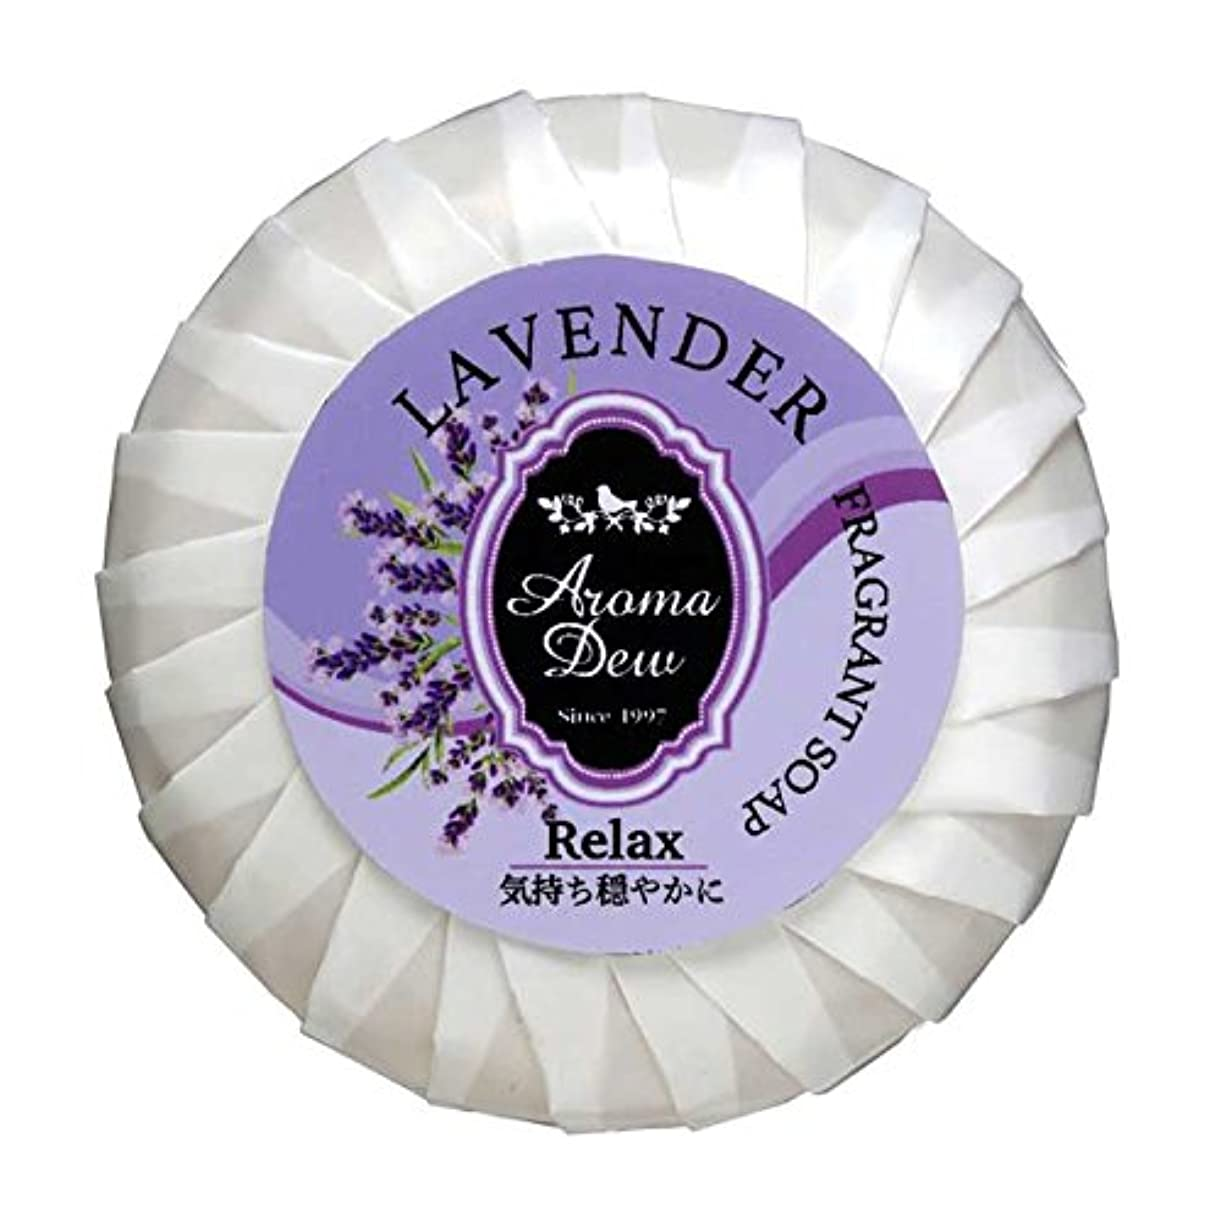 バーマド入浴ラウズアロマデュウ フレグラントソープ ラベンダーの香り 100g